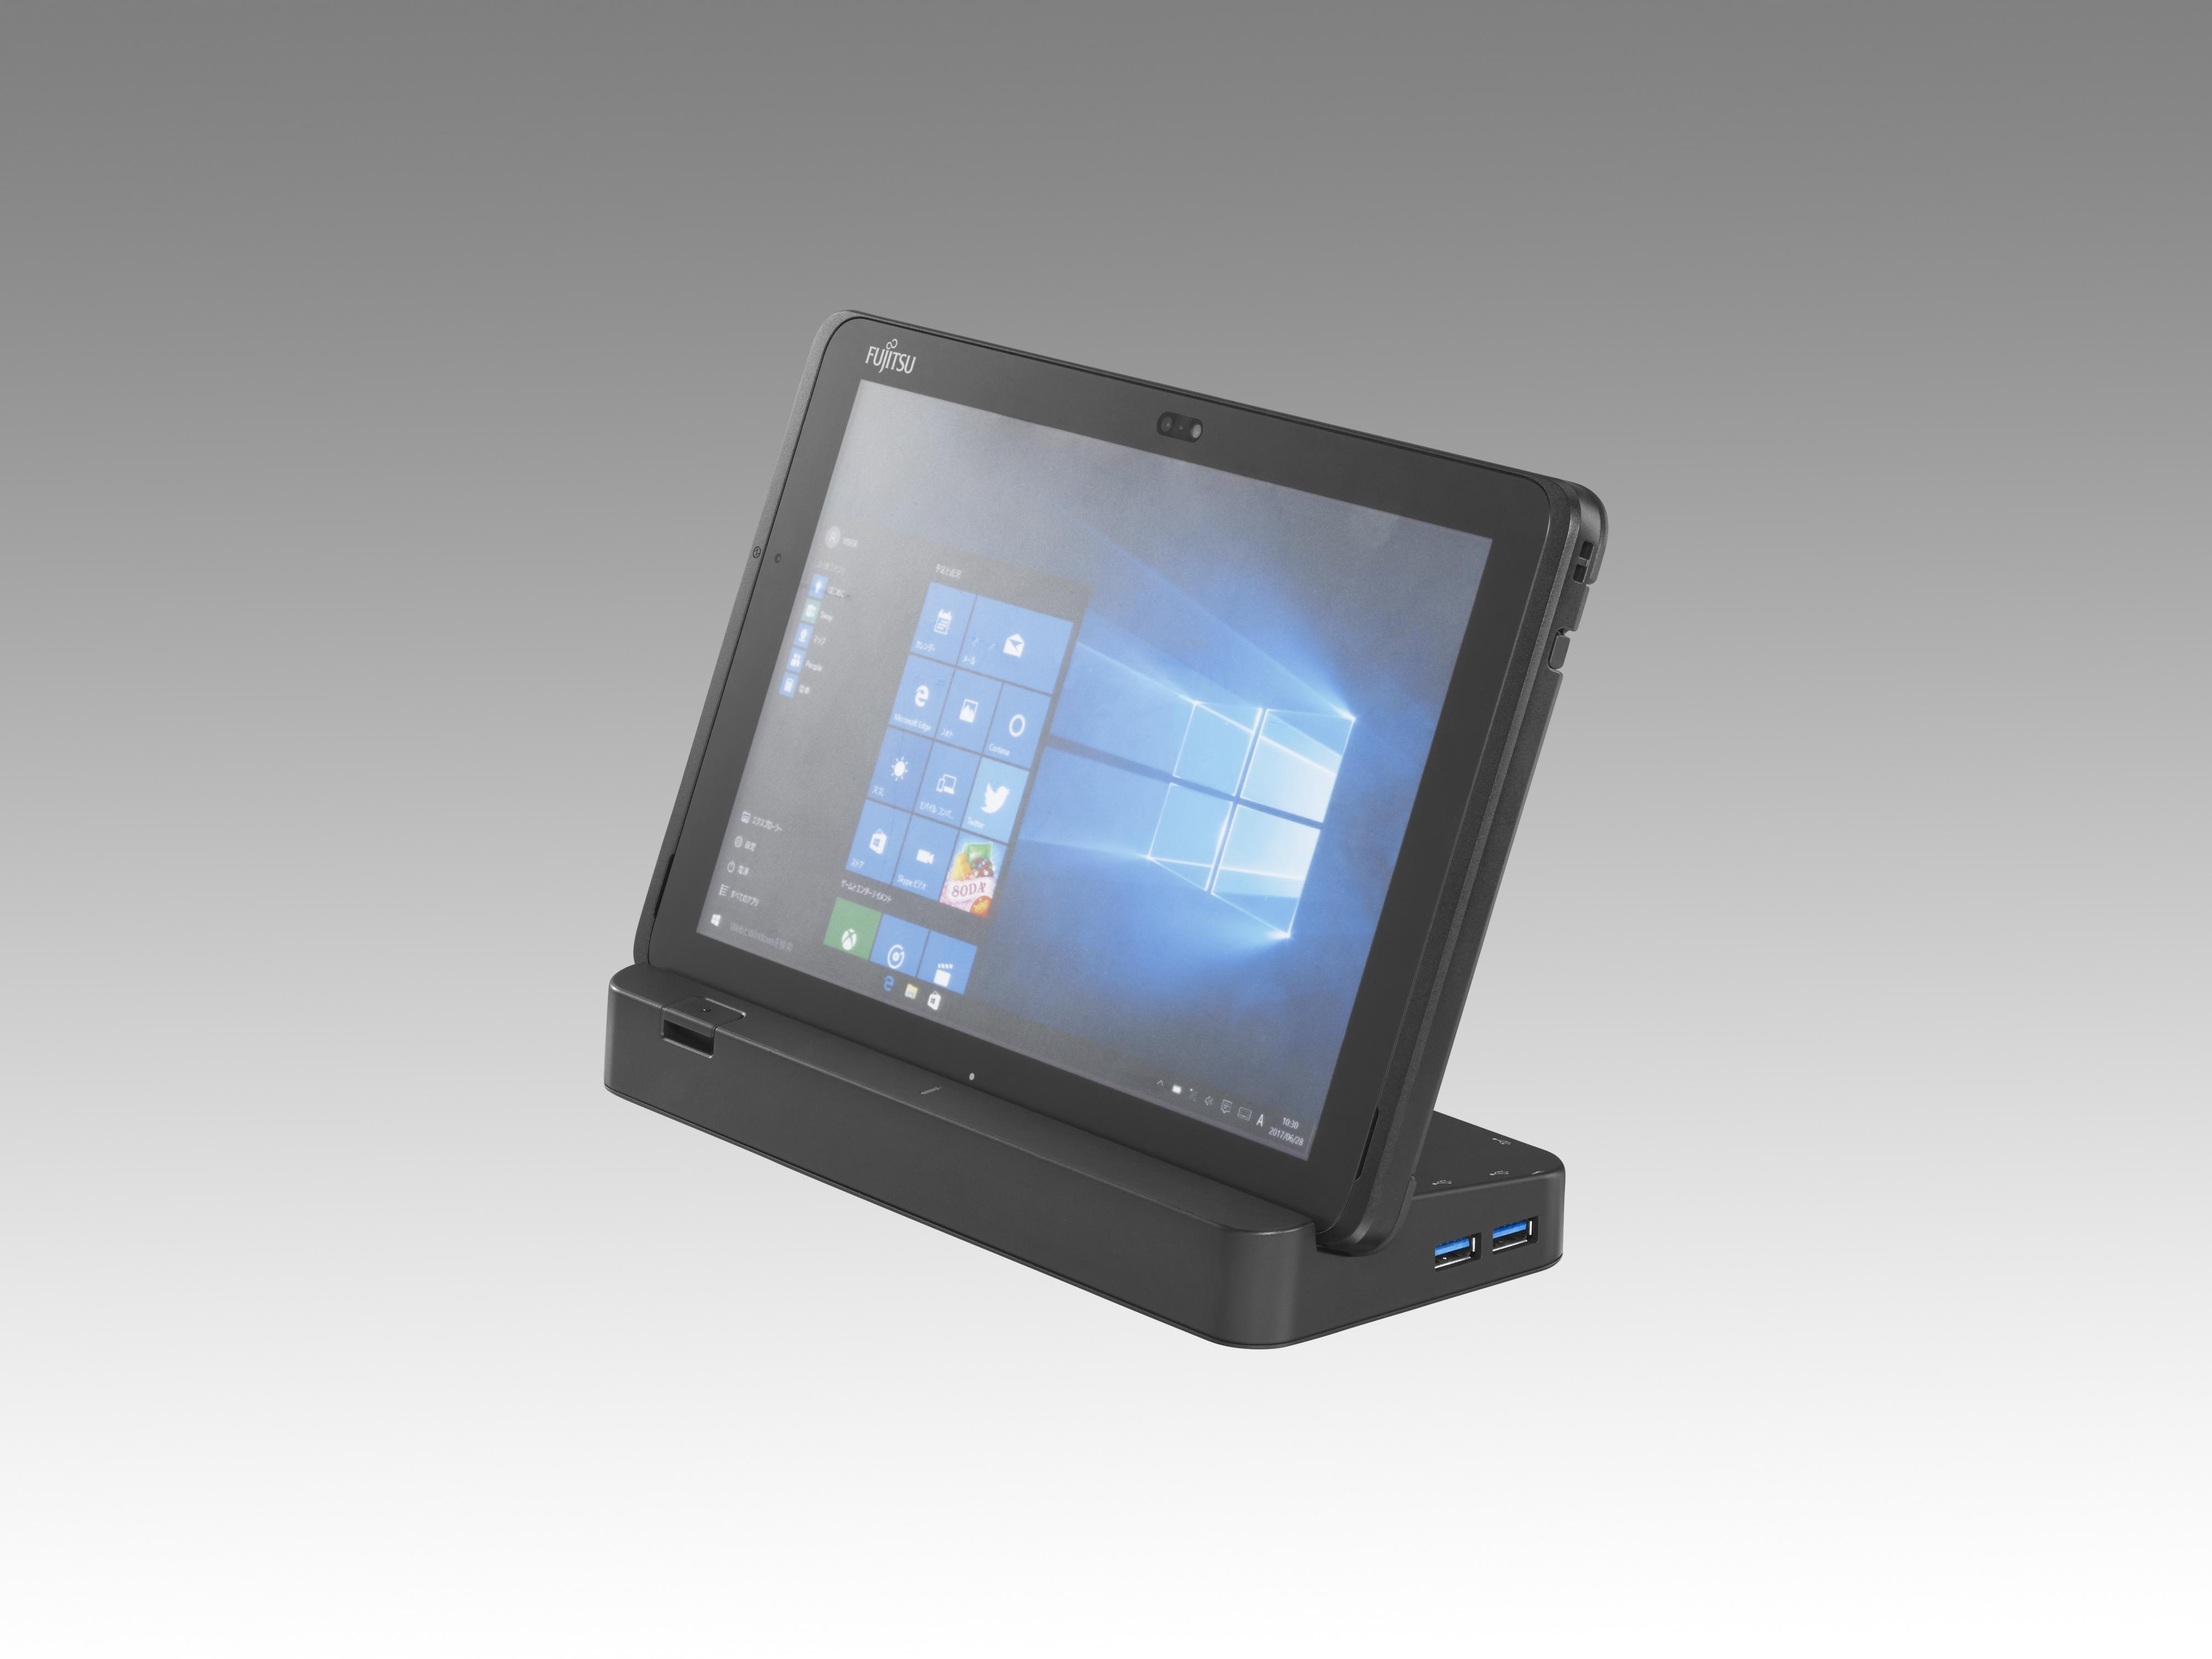 富士通采用莱迪思无线连接器技术简化下一代平板电脑